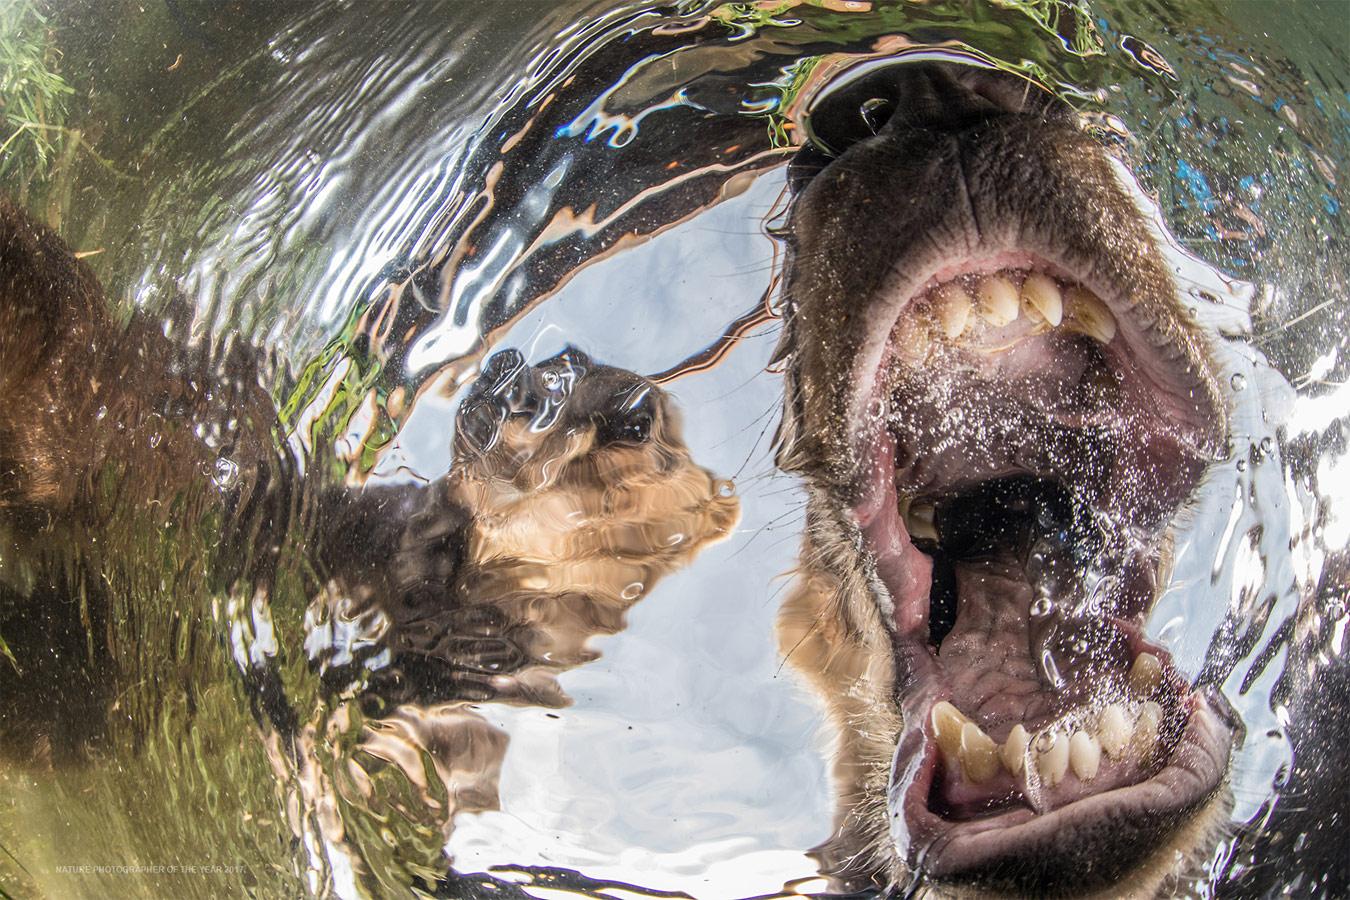 Медвежата, © Майк Коростелев, Победитель категории «Млекопитающие», Абсолютный победитель конкурса, Фотоконкурс «Природный фотограф года»